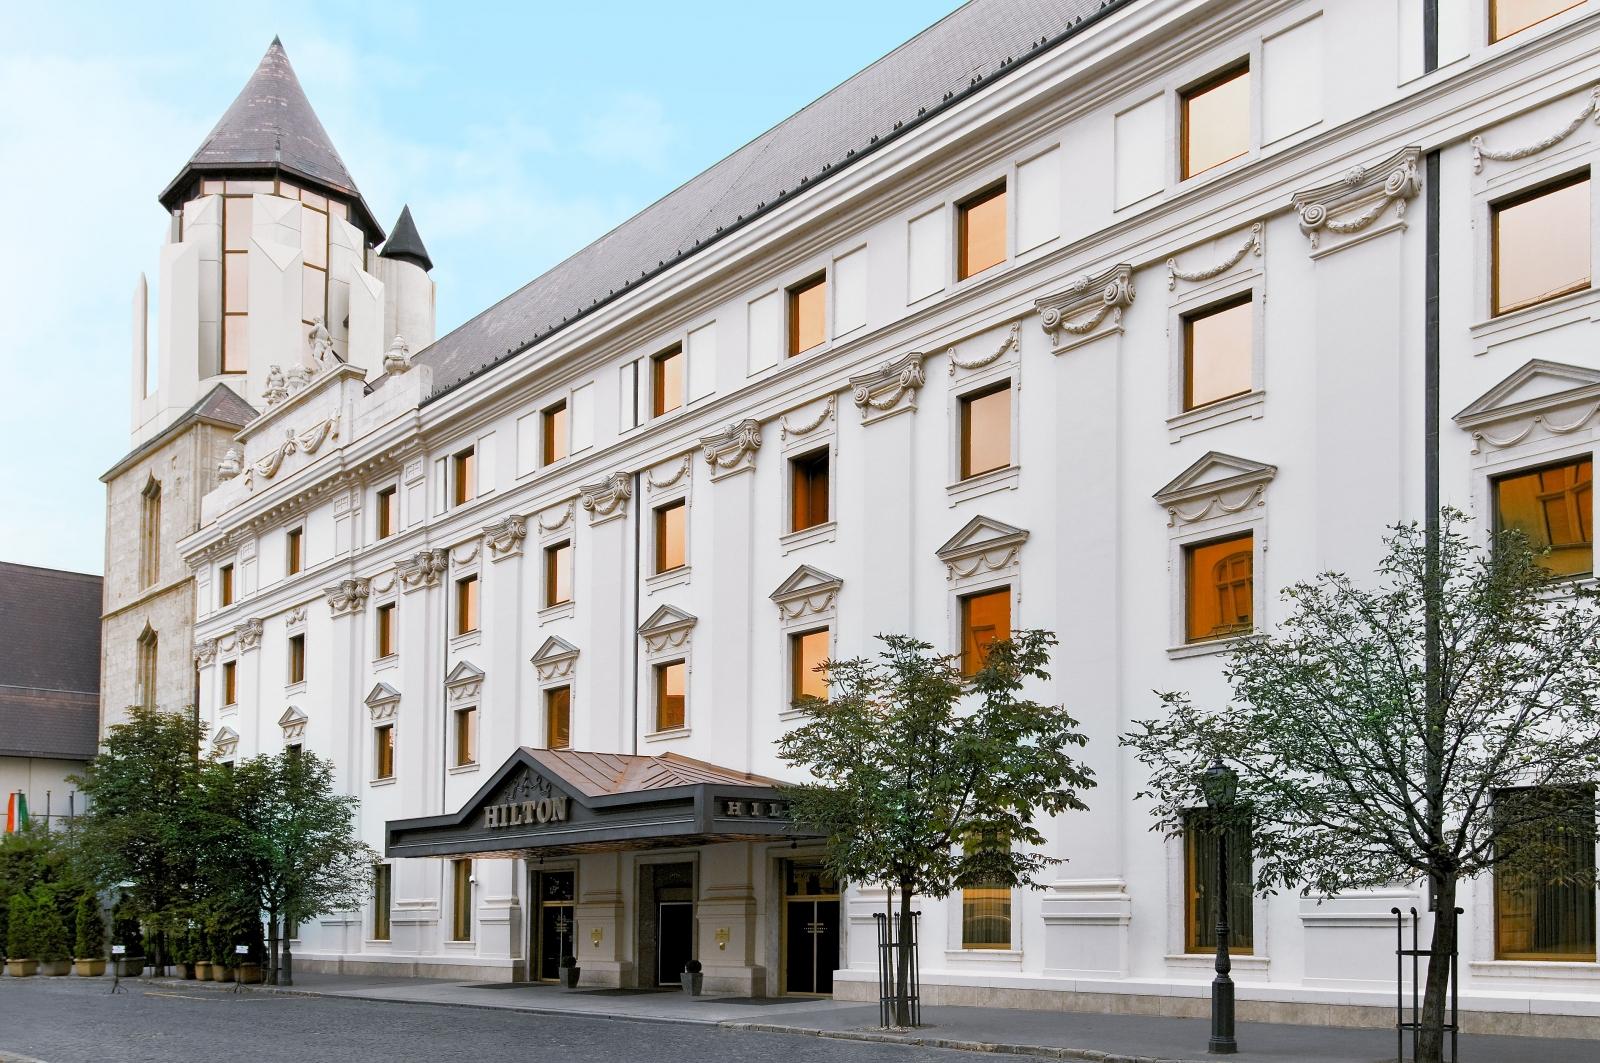 Hilton Budapest - A szalloda bejarata